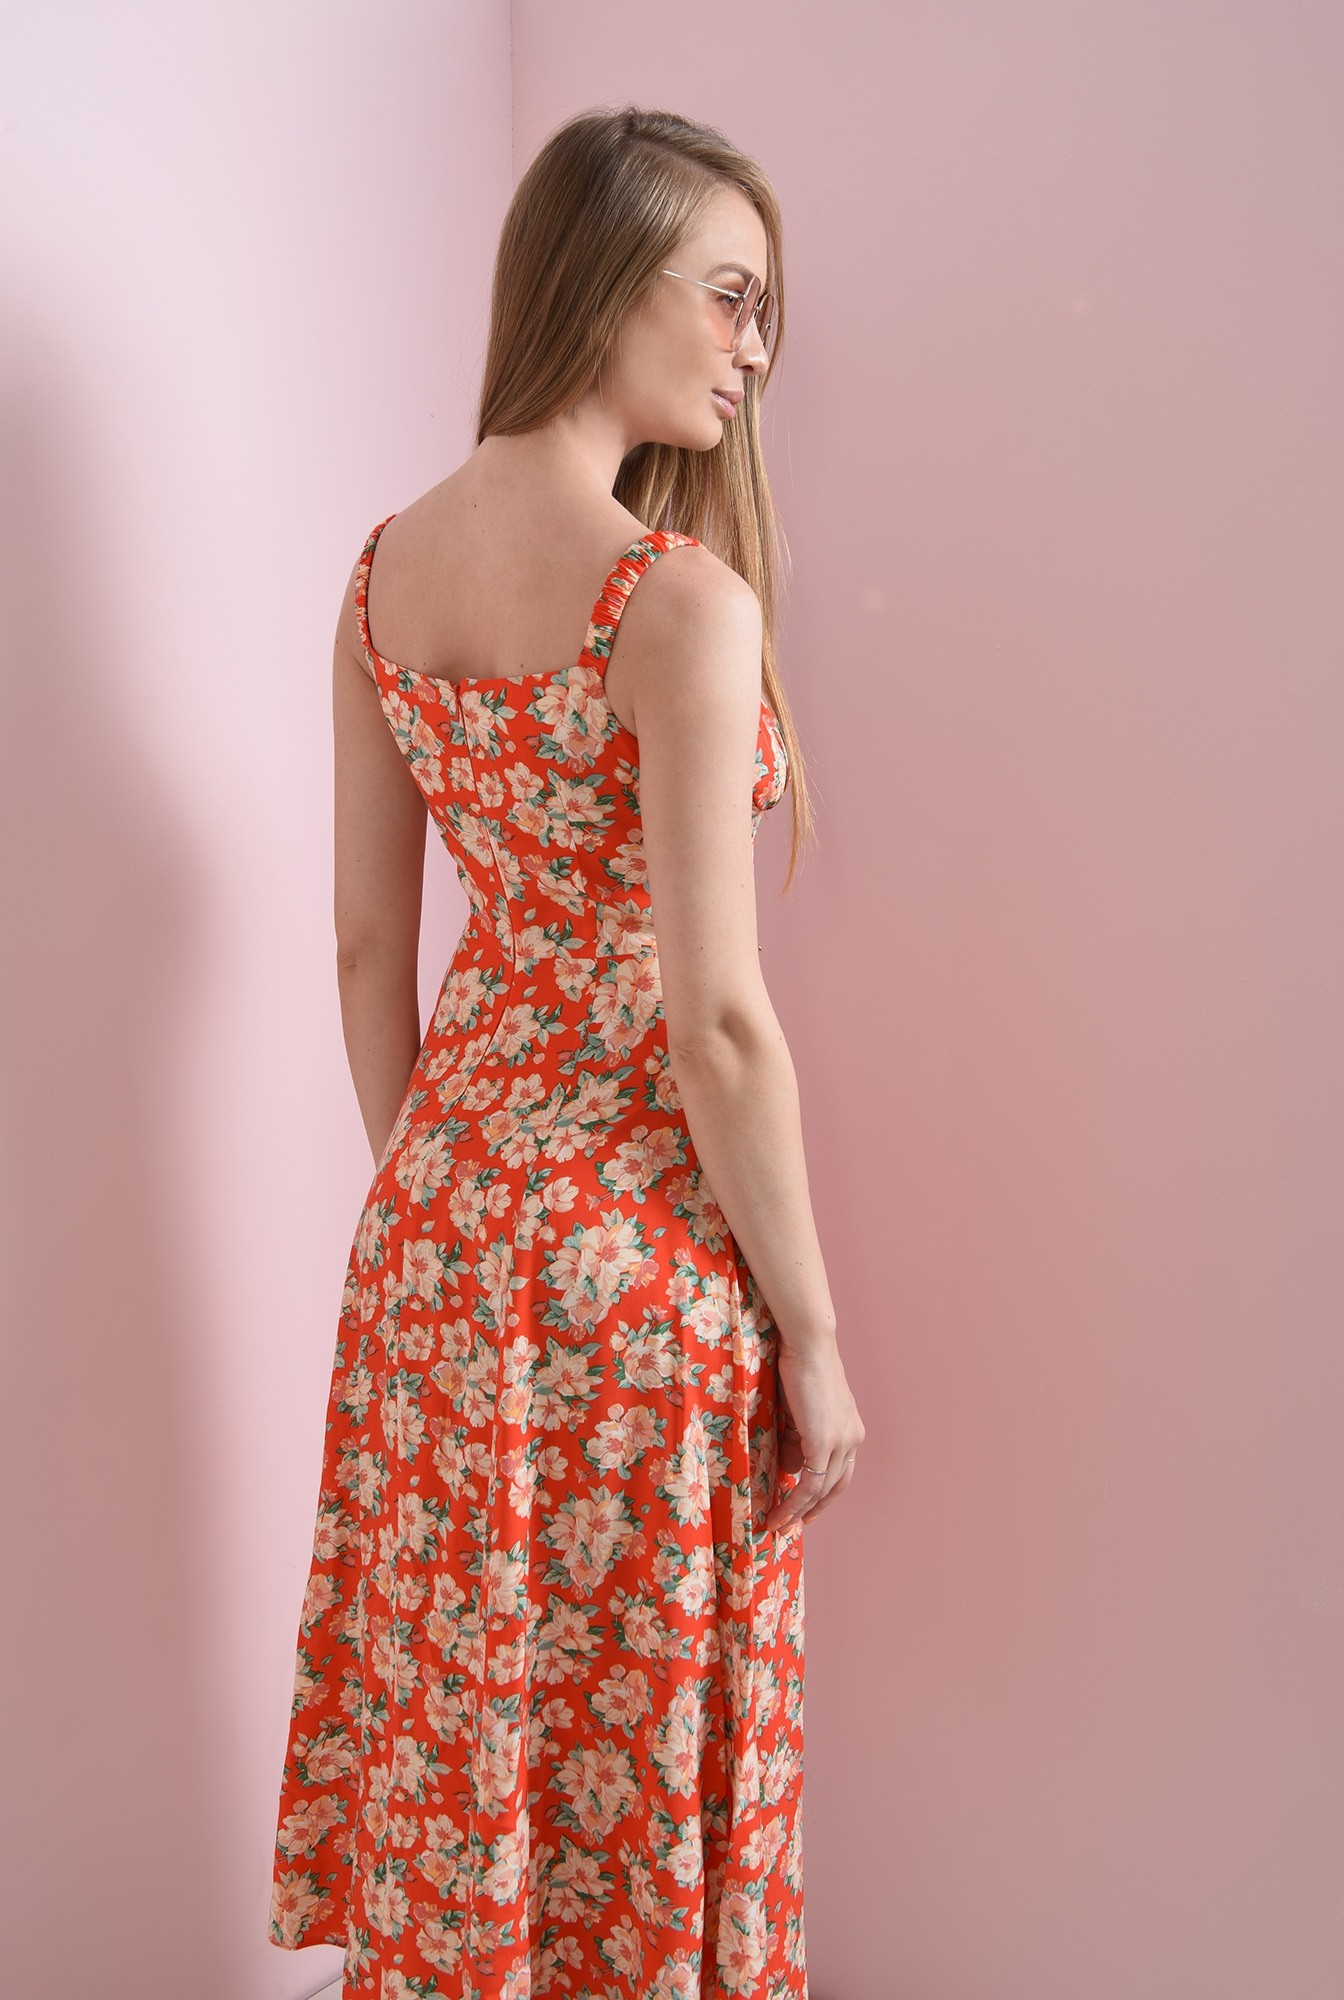 1 - rochie casual, de vara, cu flori, cu bretele